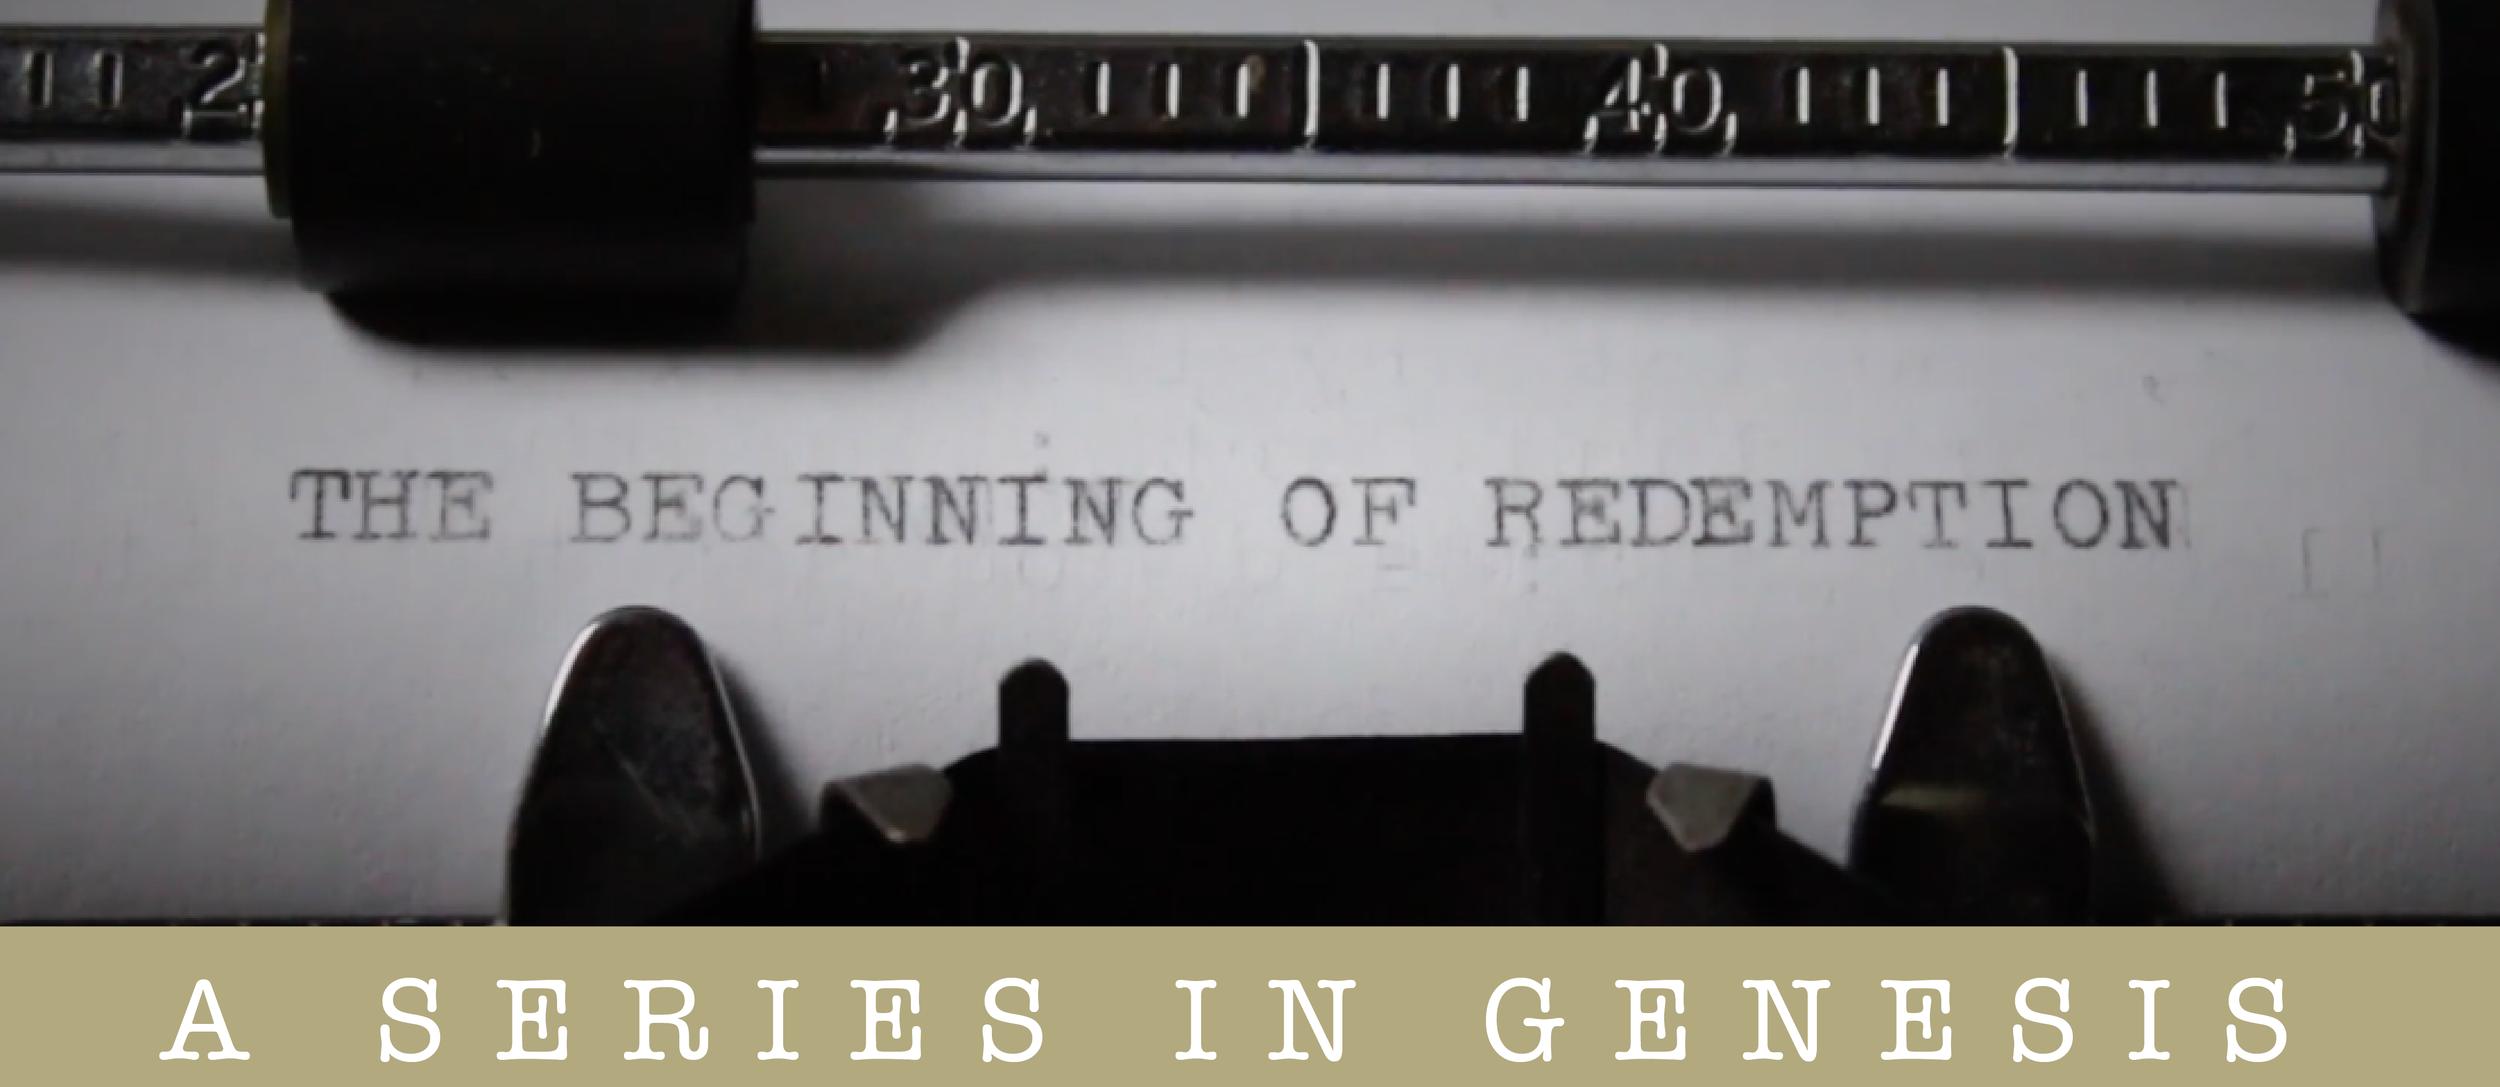 Beginning of Redemption Slide-01.png